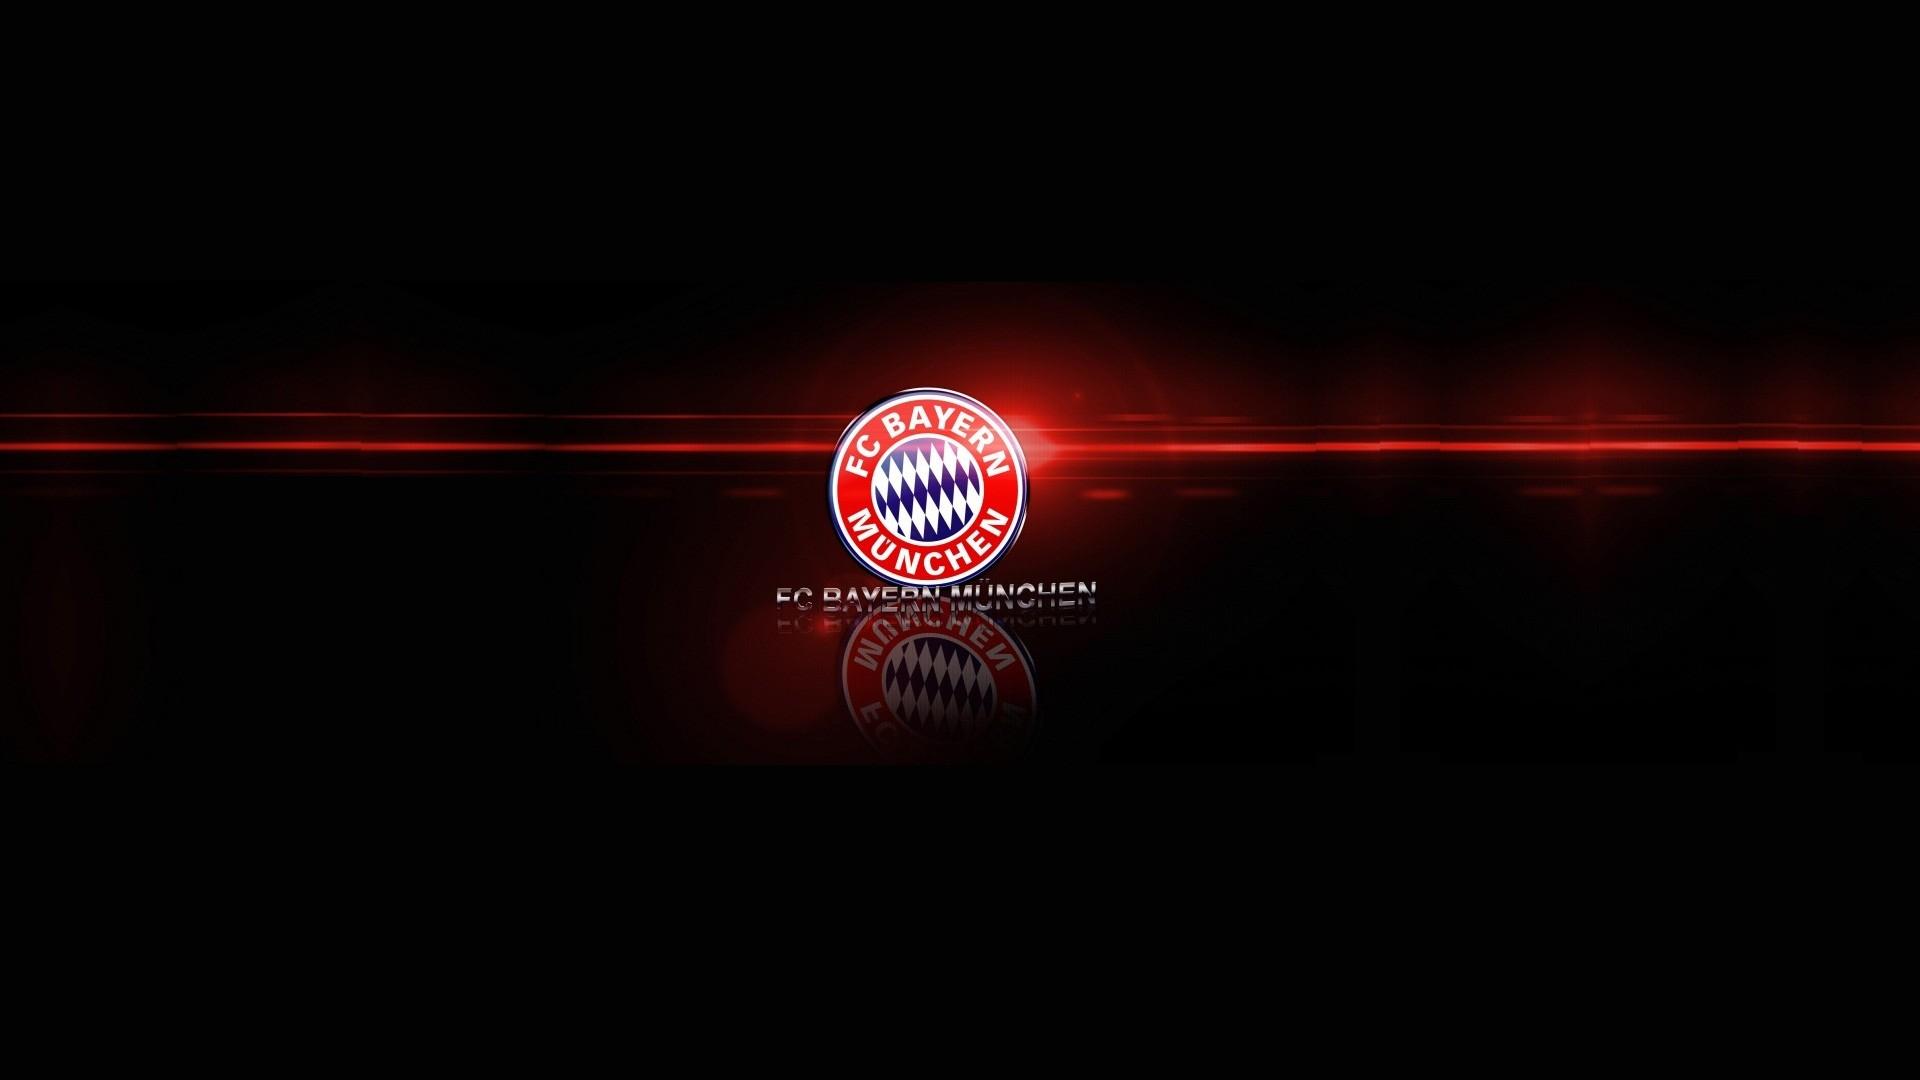 16 Luxury Pubg Wallpaper Iphone 6: Wallpaper Desktop FC Bayern Munchen HD